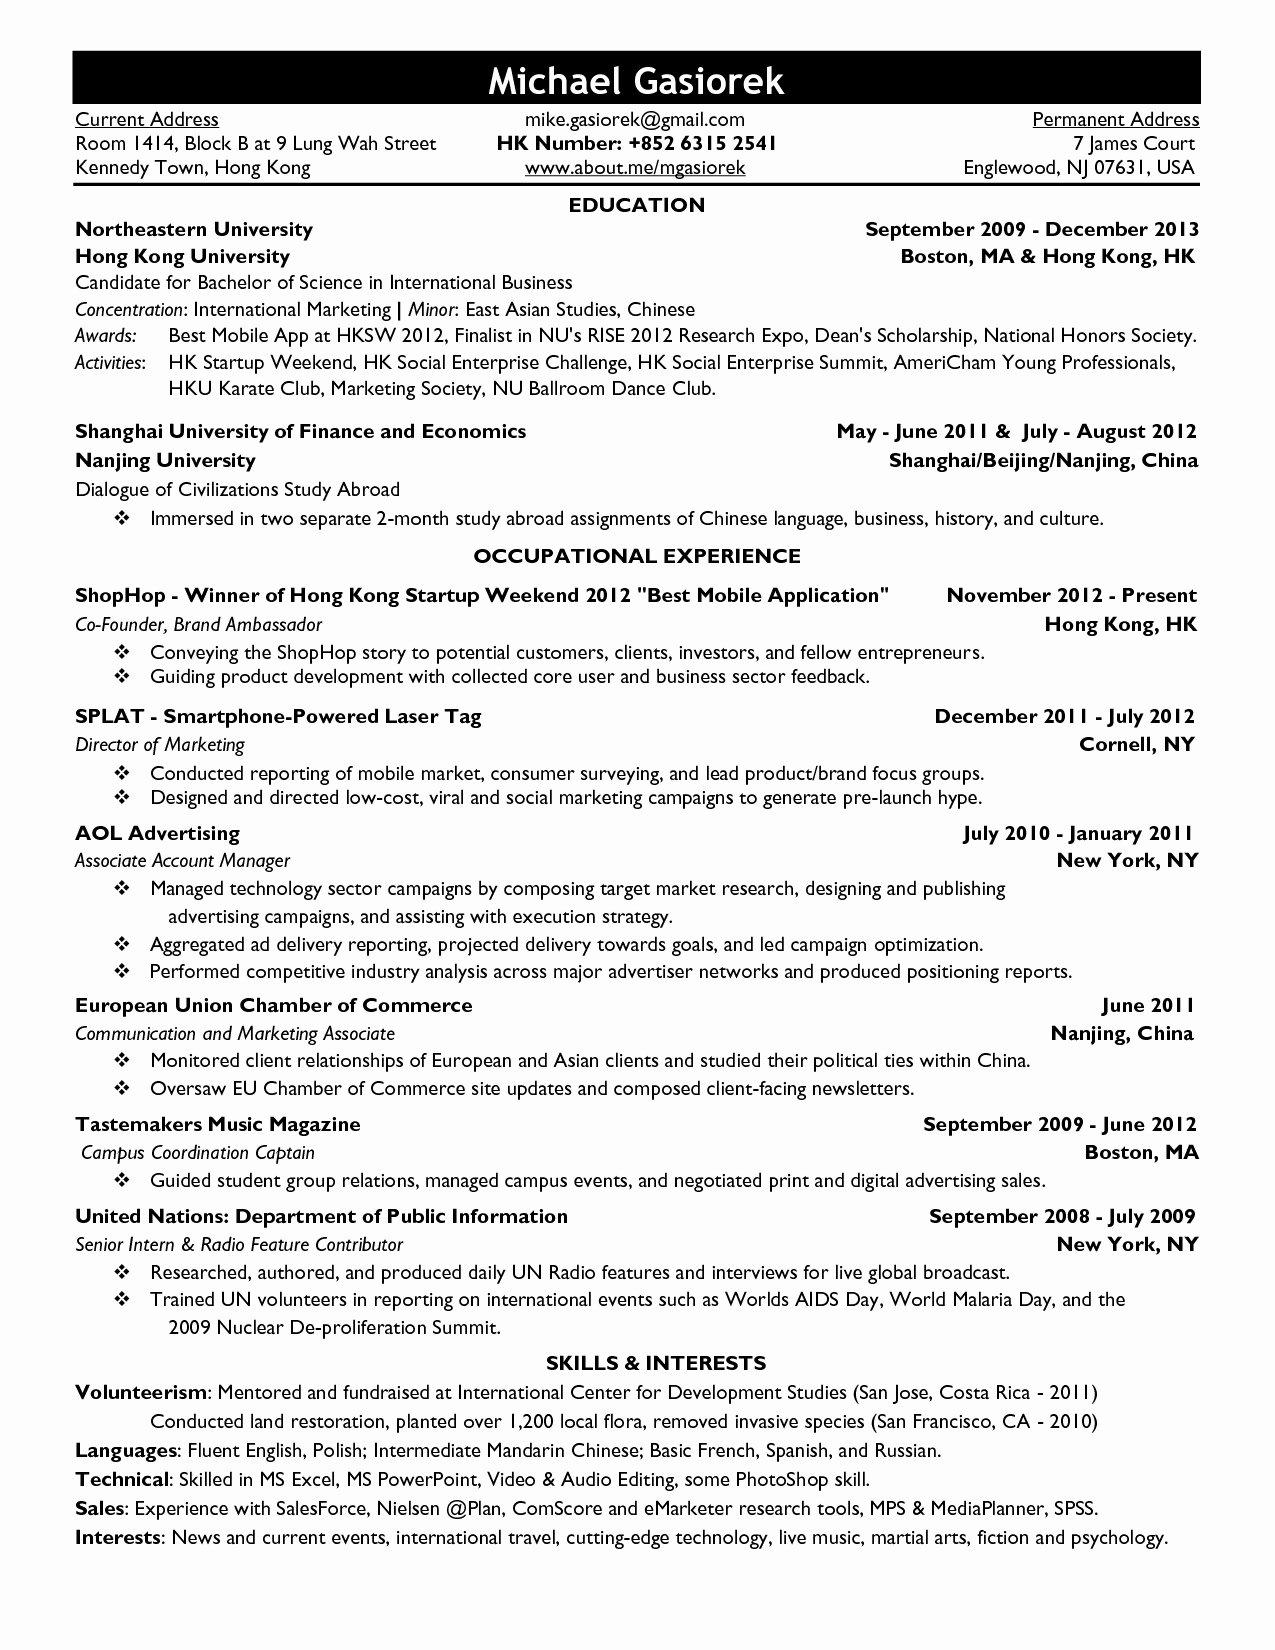 Proper Resume format 2013 Sidemcicek